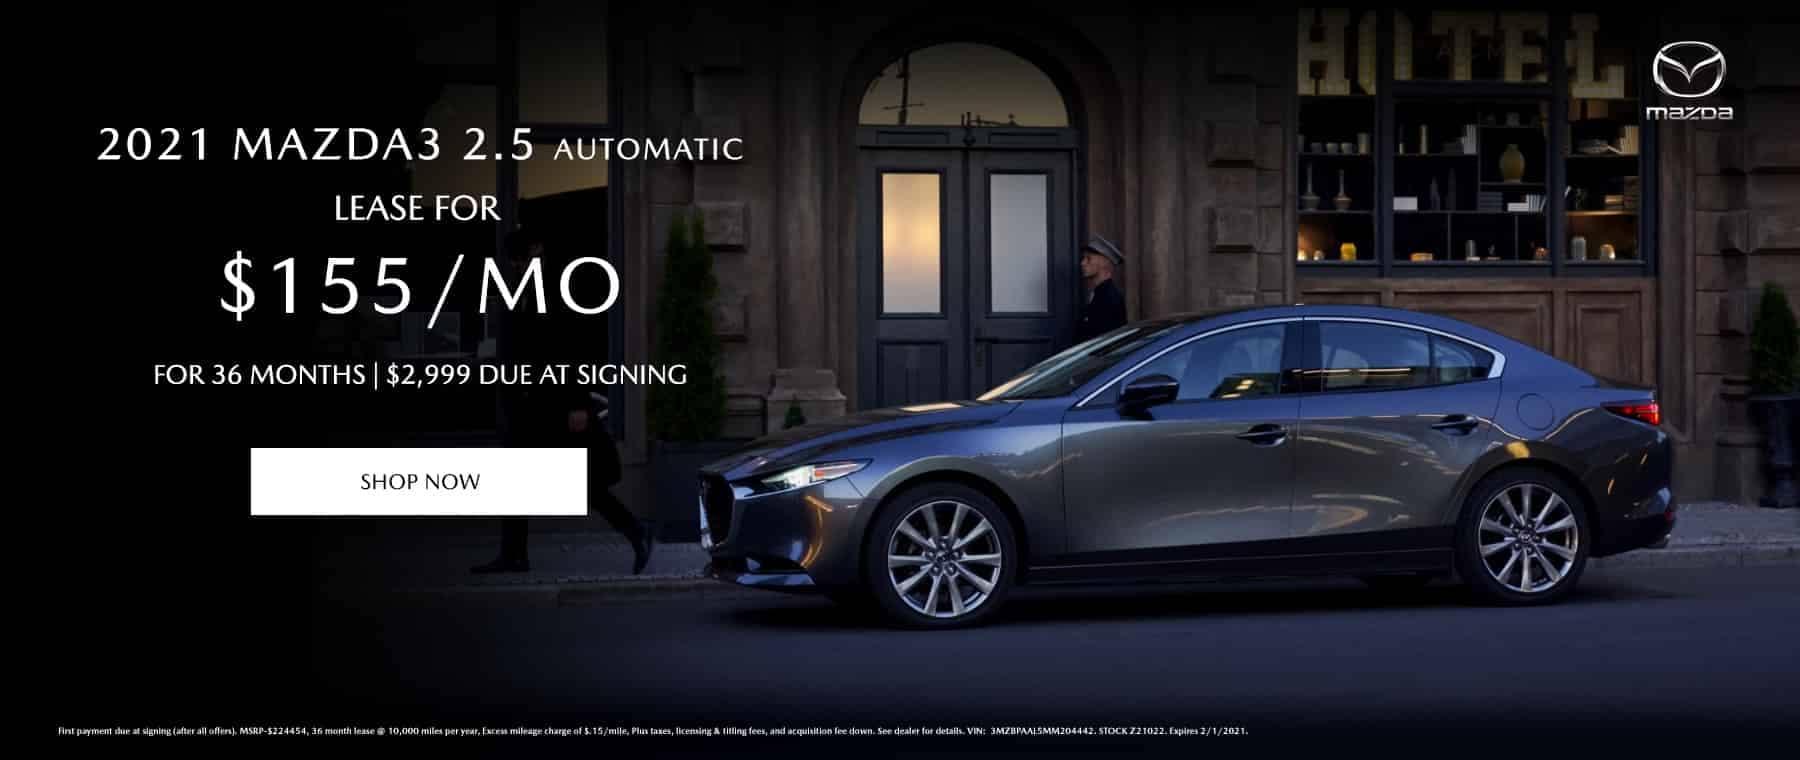 2021 Mazda3 2.5 Automatic Lease $155/mo